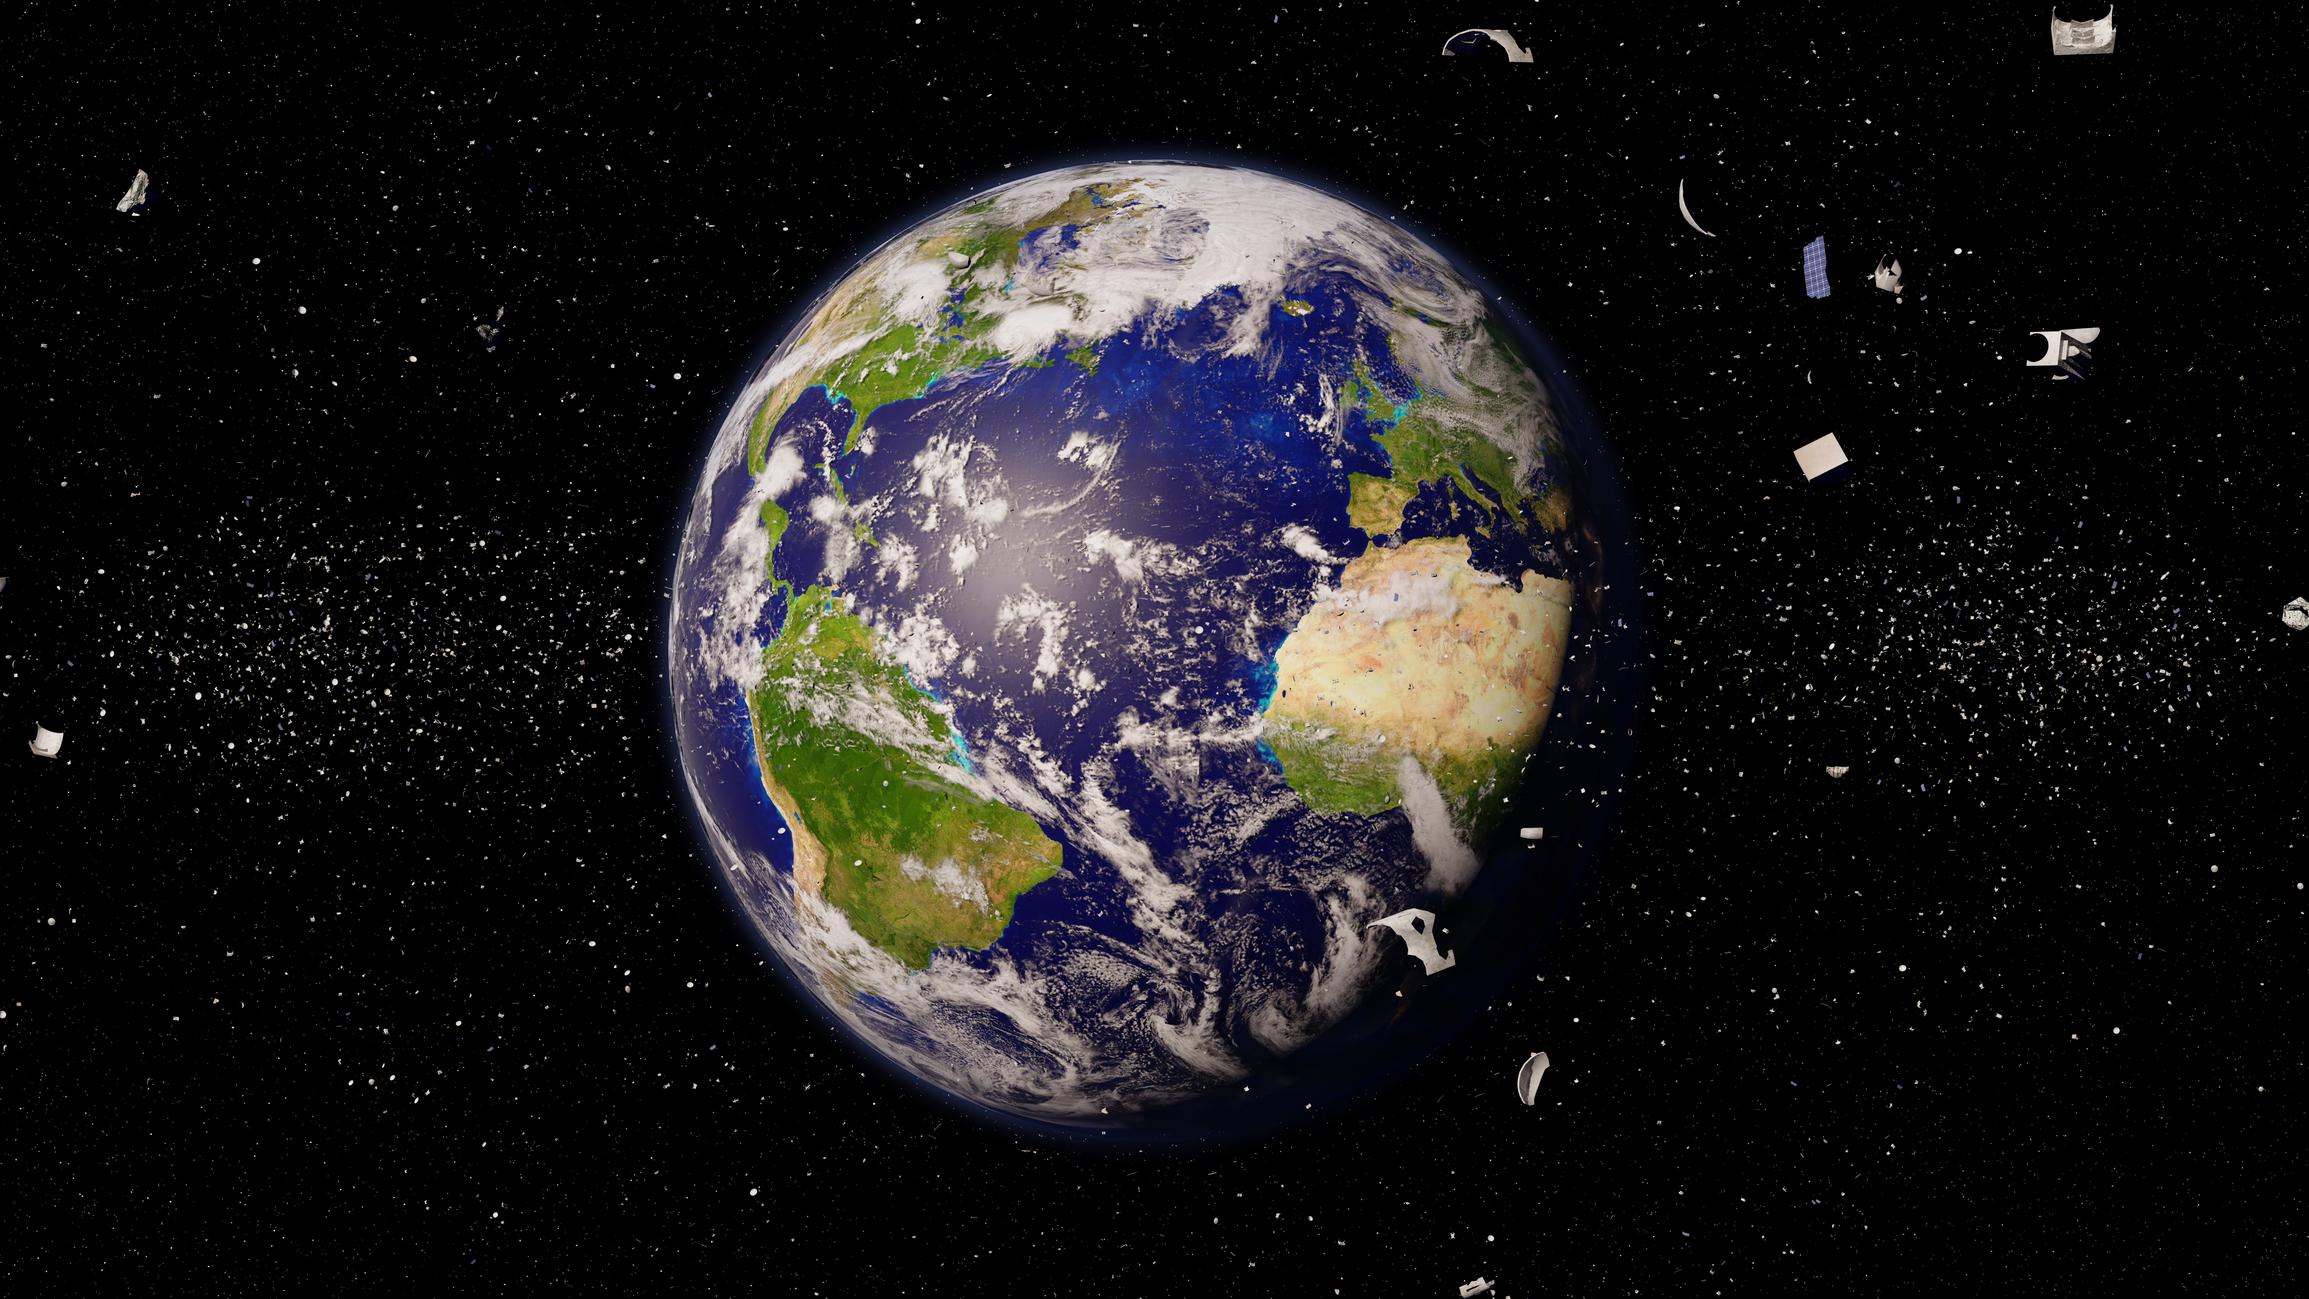 Le problème des déchets dans l'espace